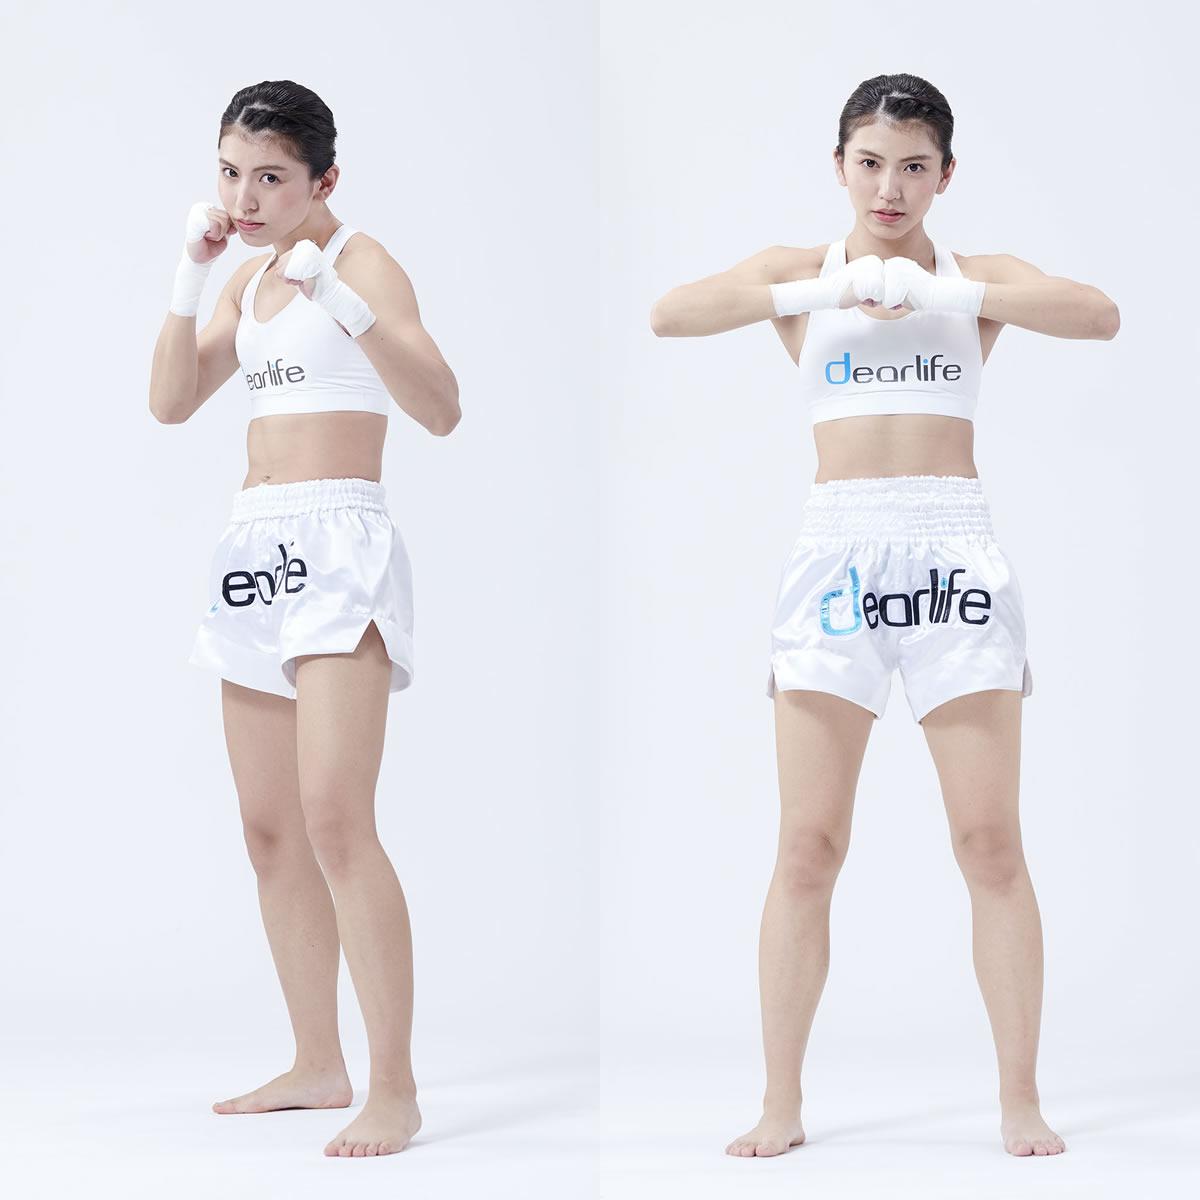 世界に挑戦する筋肉美女ぱんちゃん璃奈選手(キックボクシング) DLホールディングス イメージキャラクターに起用